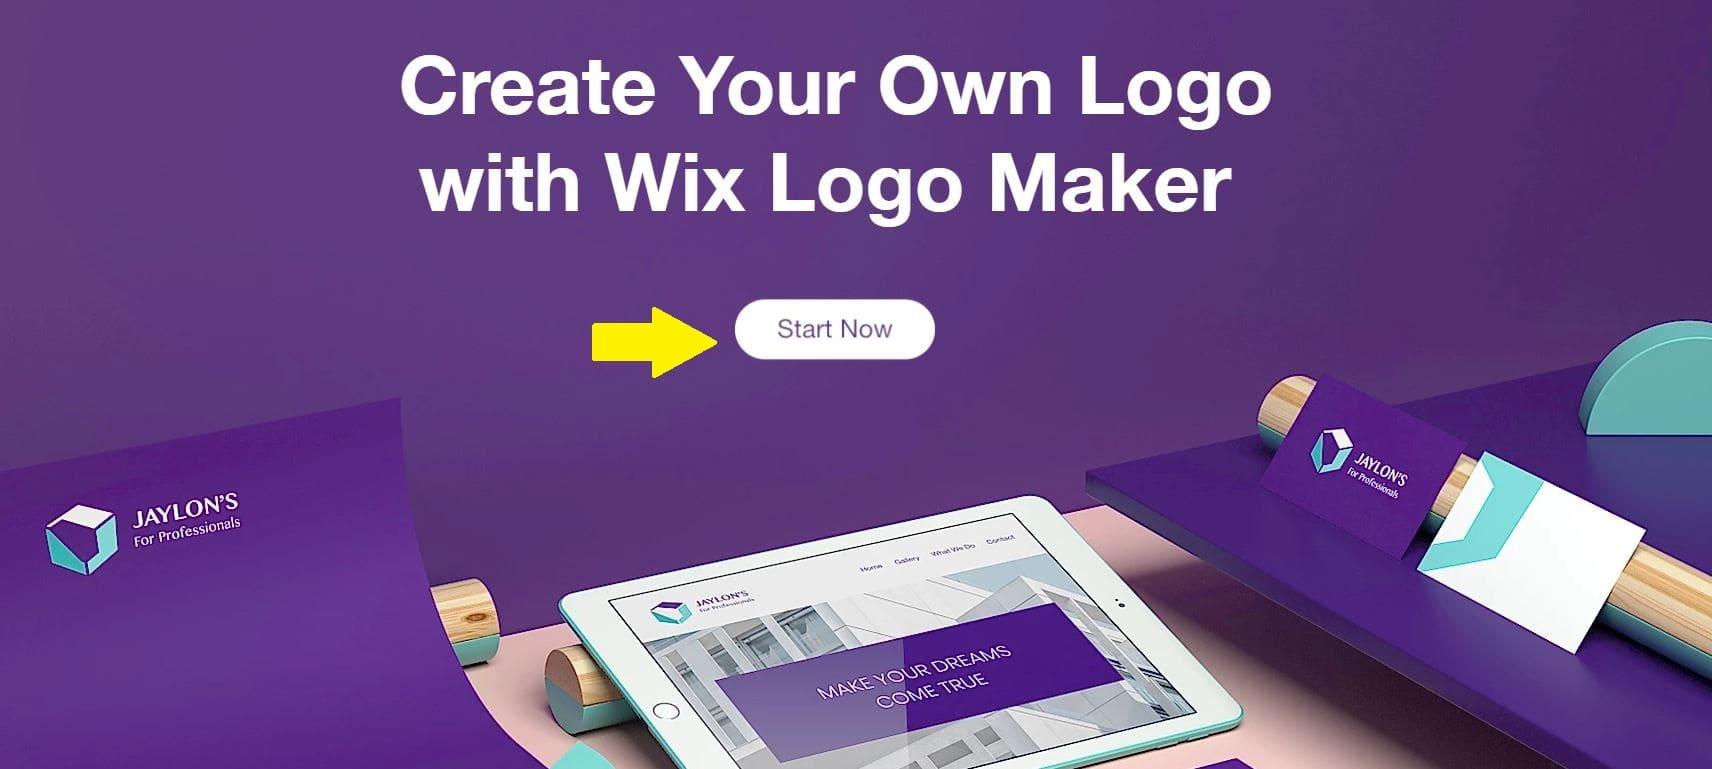 Wix Logo Maker screenshot - Start now